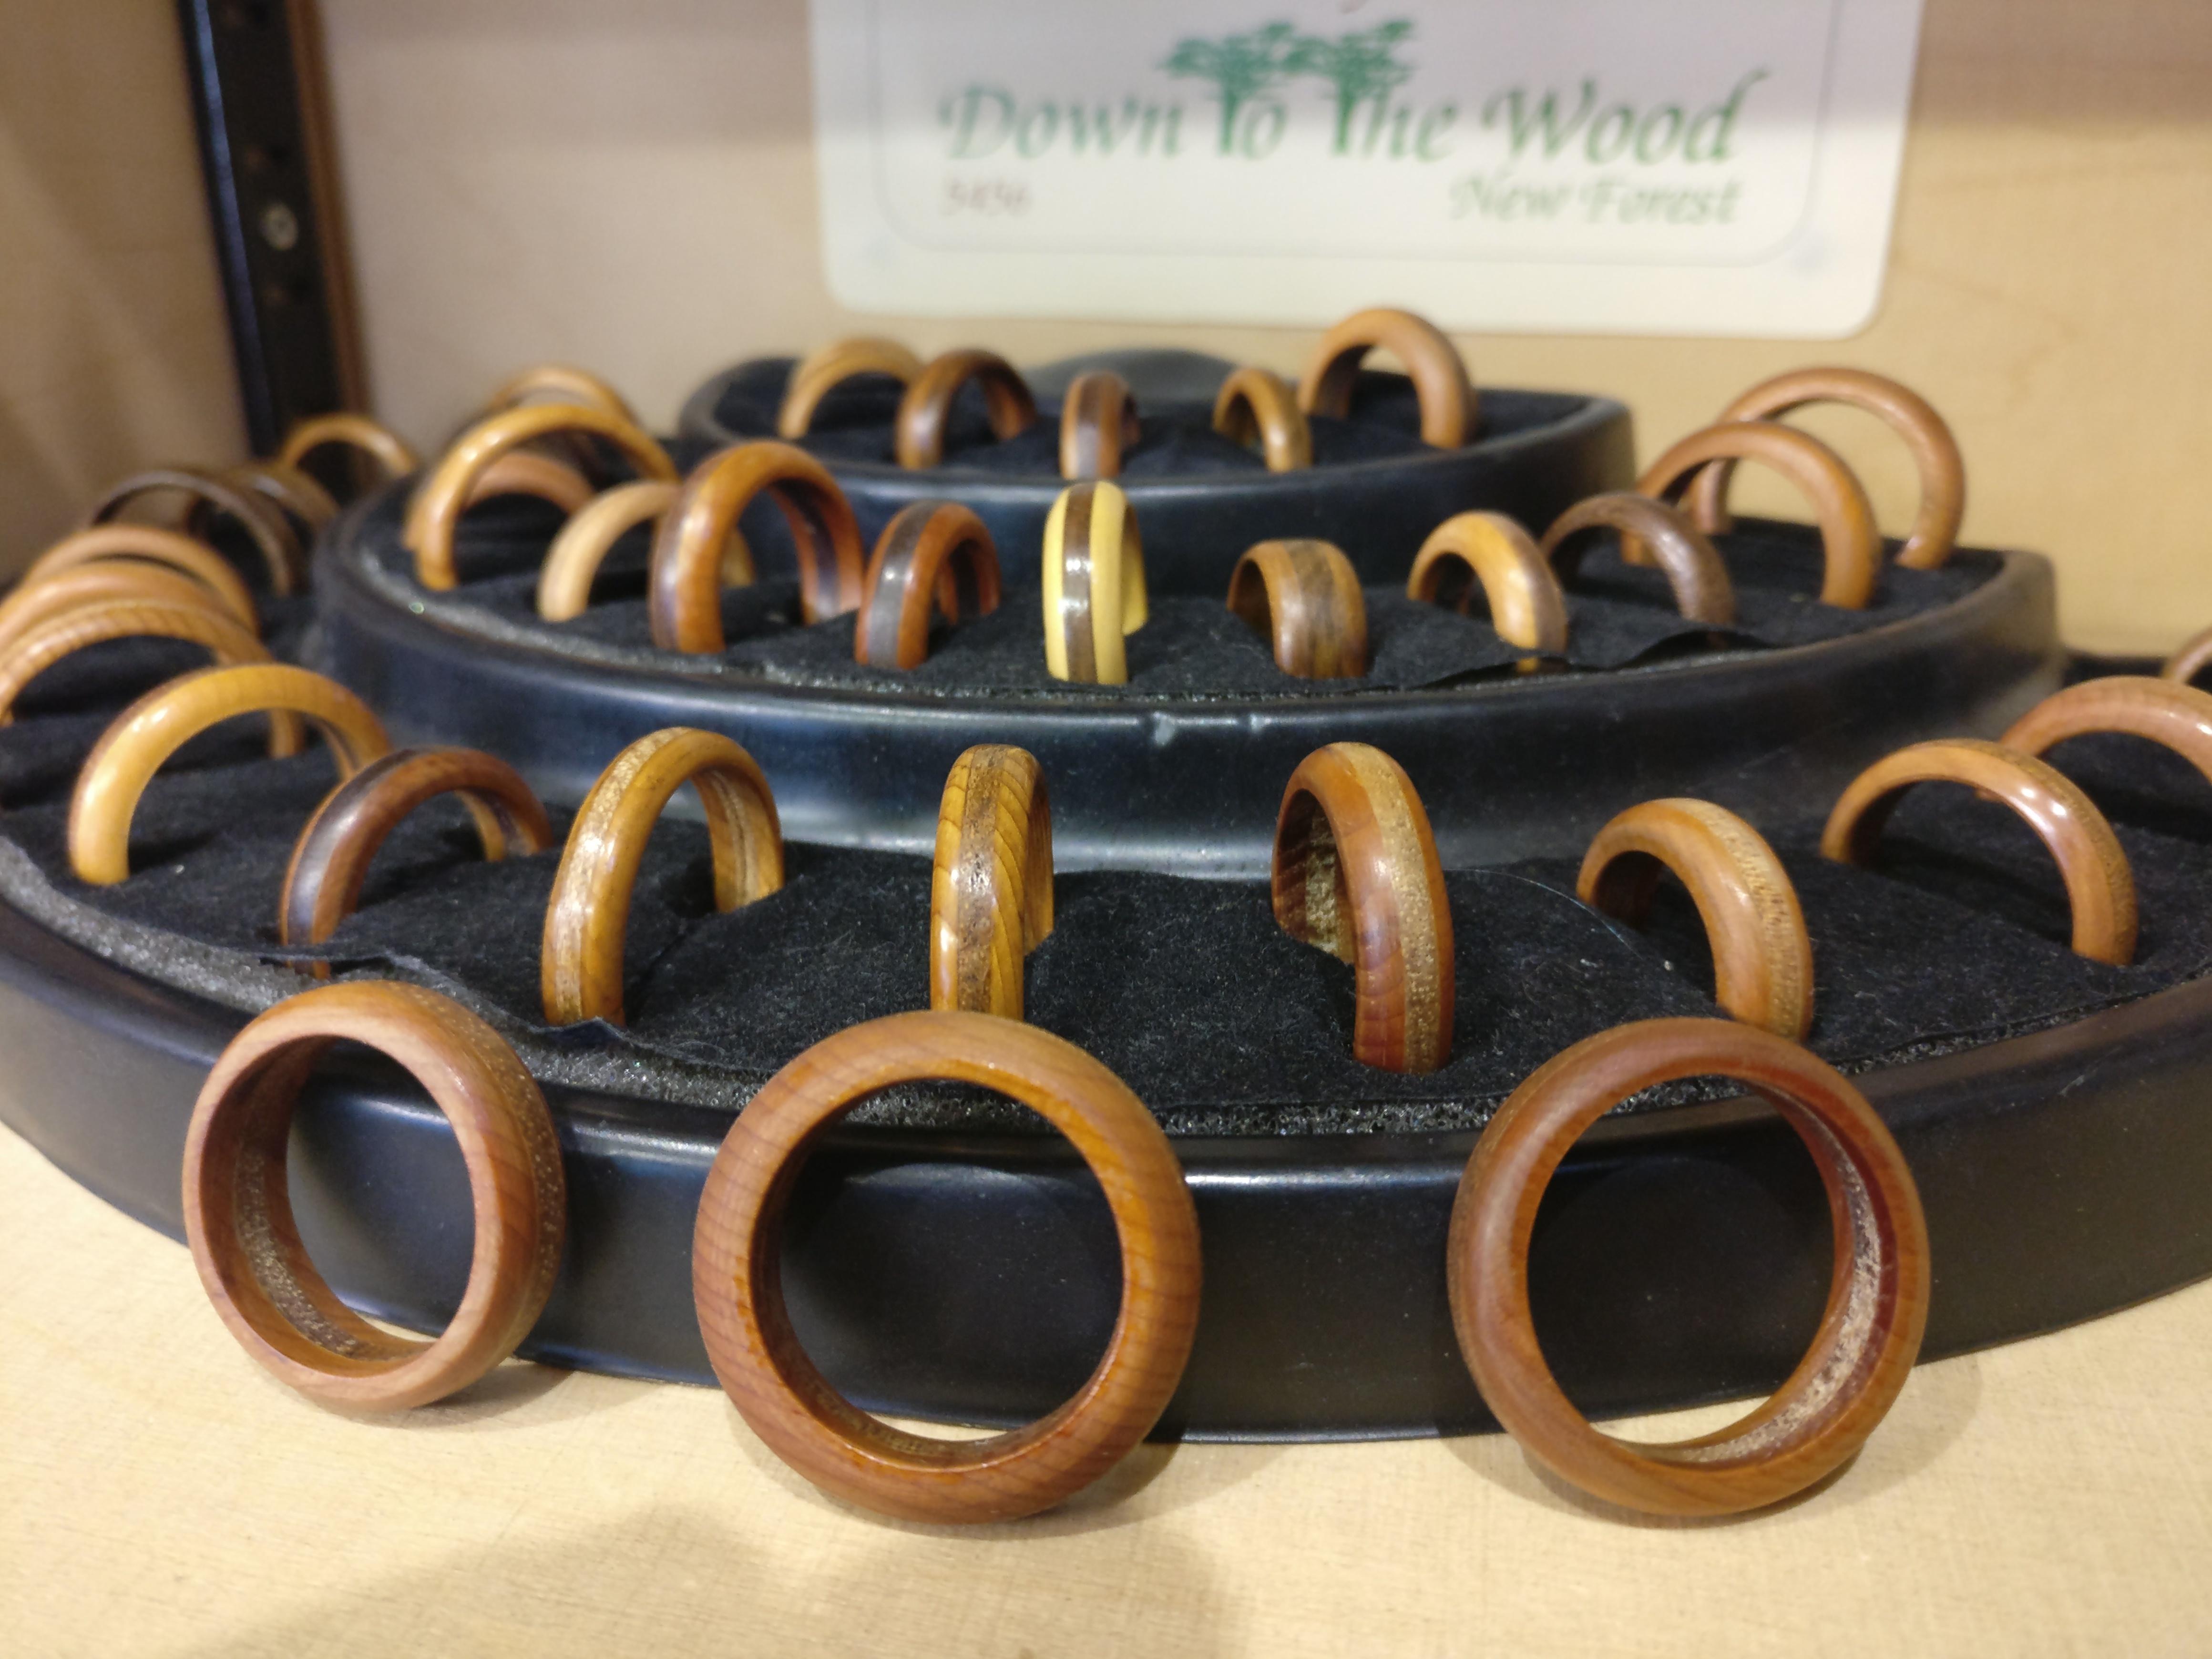 Display of wooden rings